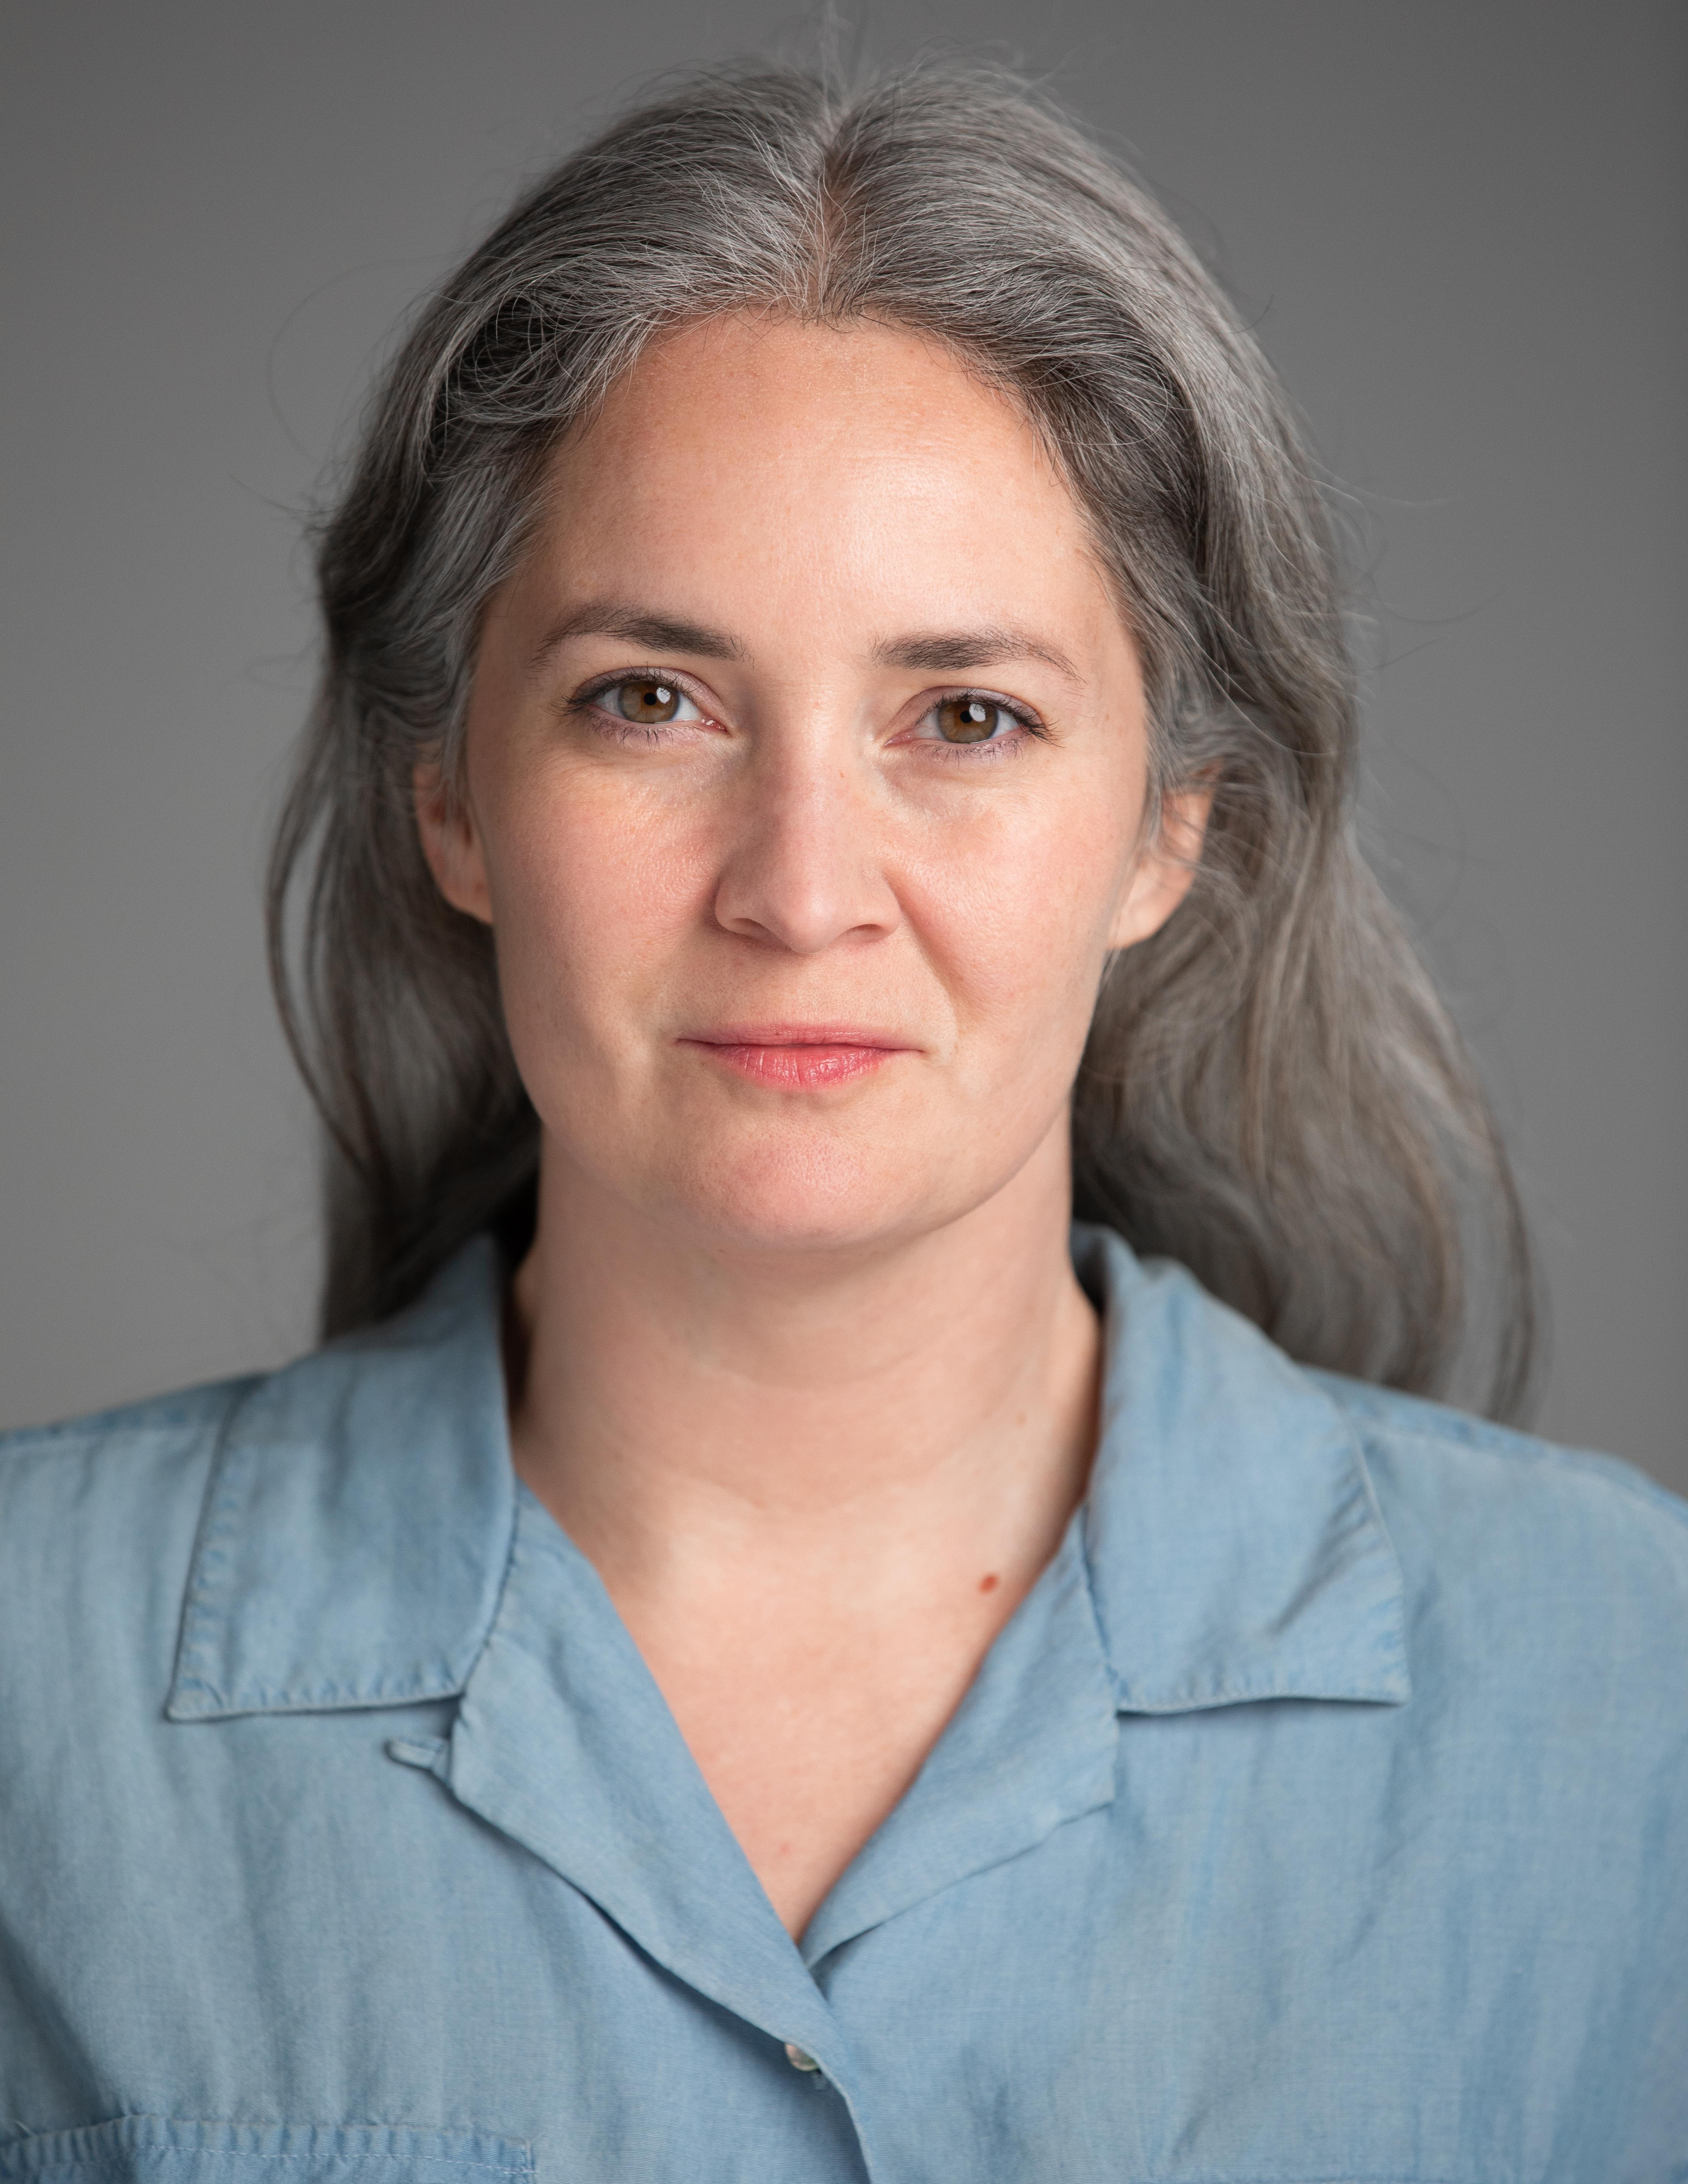 Mariah Bergeron